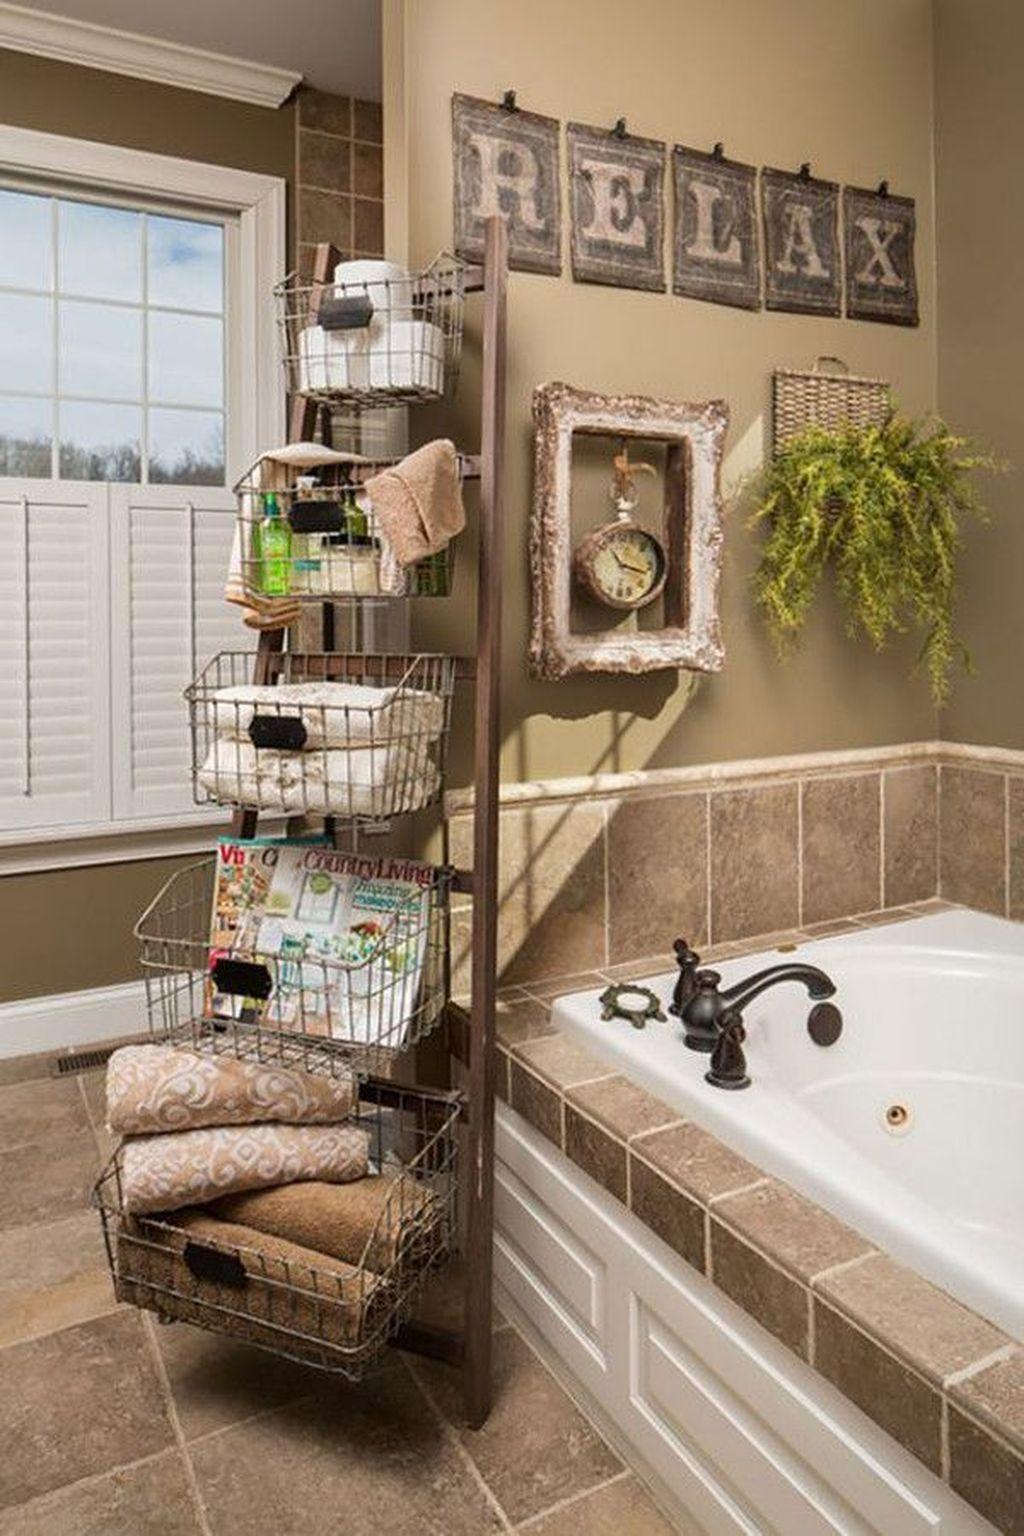 30 Cute Diy Bathroom Decor Ideas On A Budget With Images Diy Bathroom Decor Diy Bathroom Farmhouse Bathroom Decor